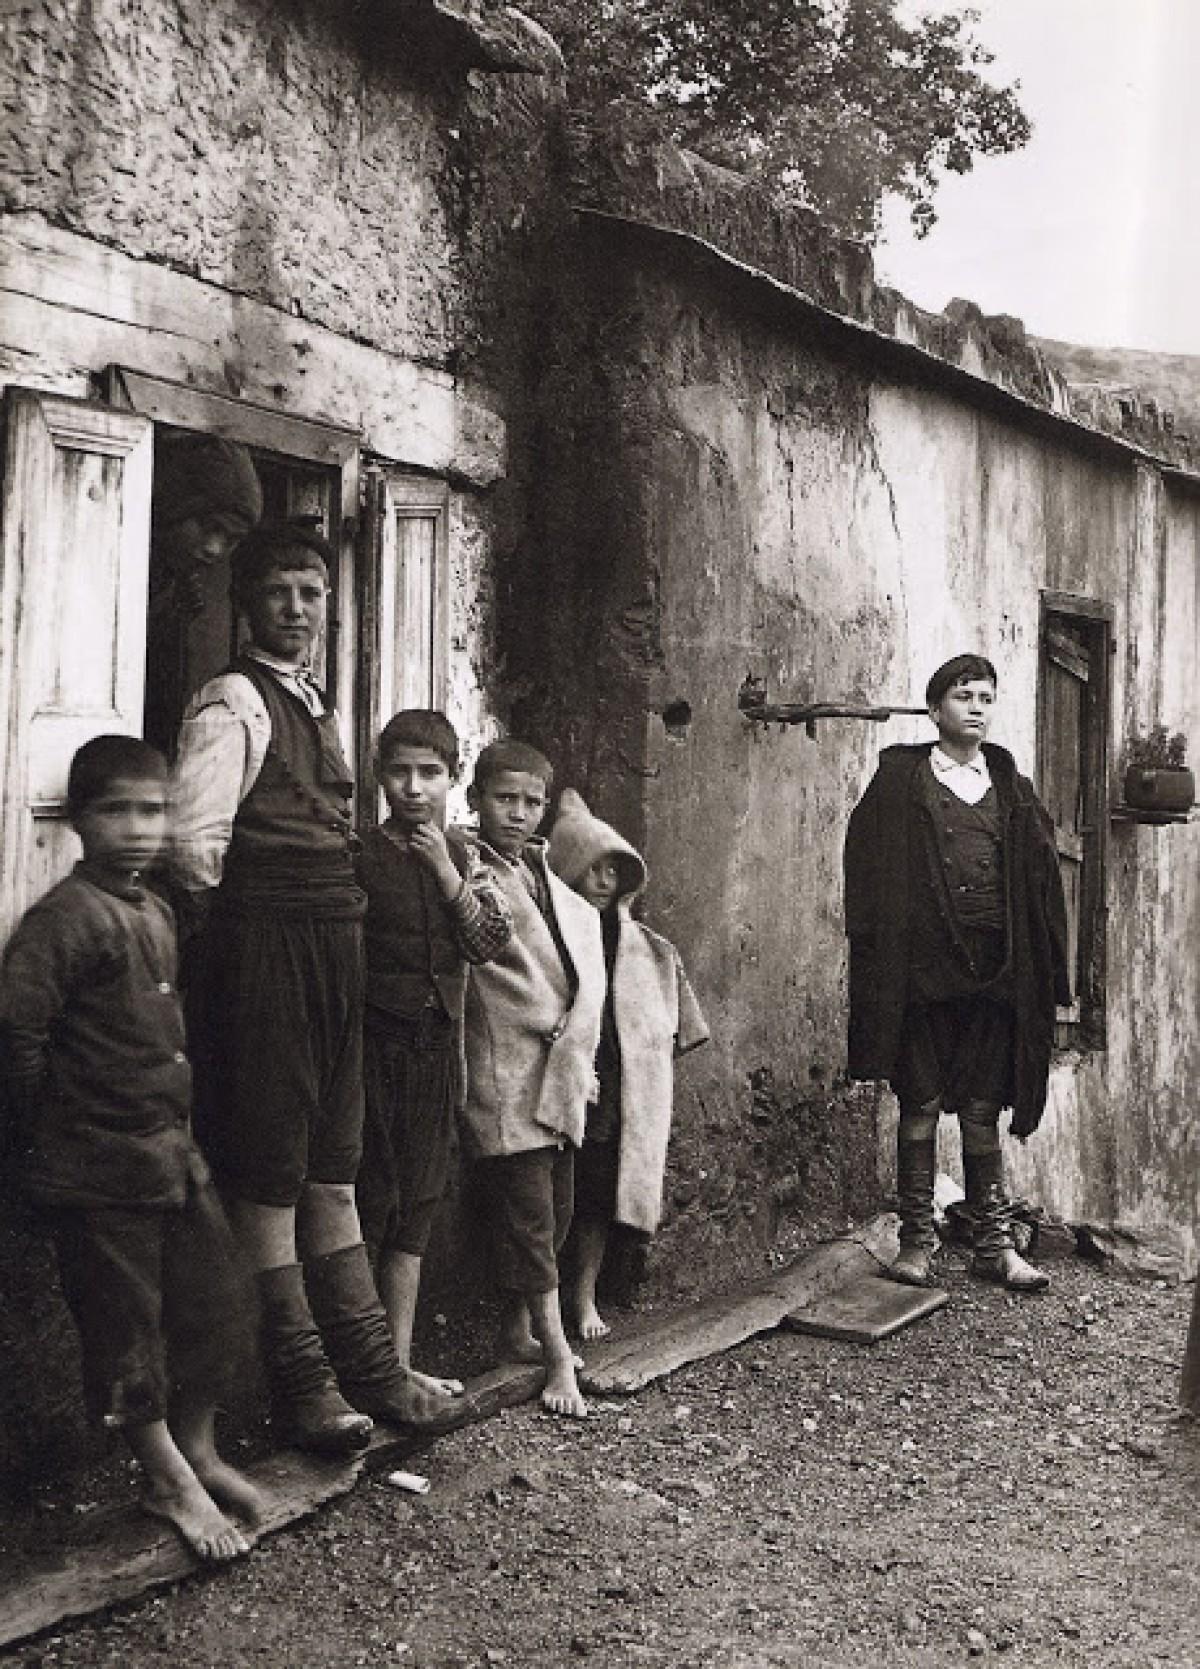 Οικογένεια Μάντακα στο χωριό Λάκκοι, Κρήτη, 1911